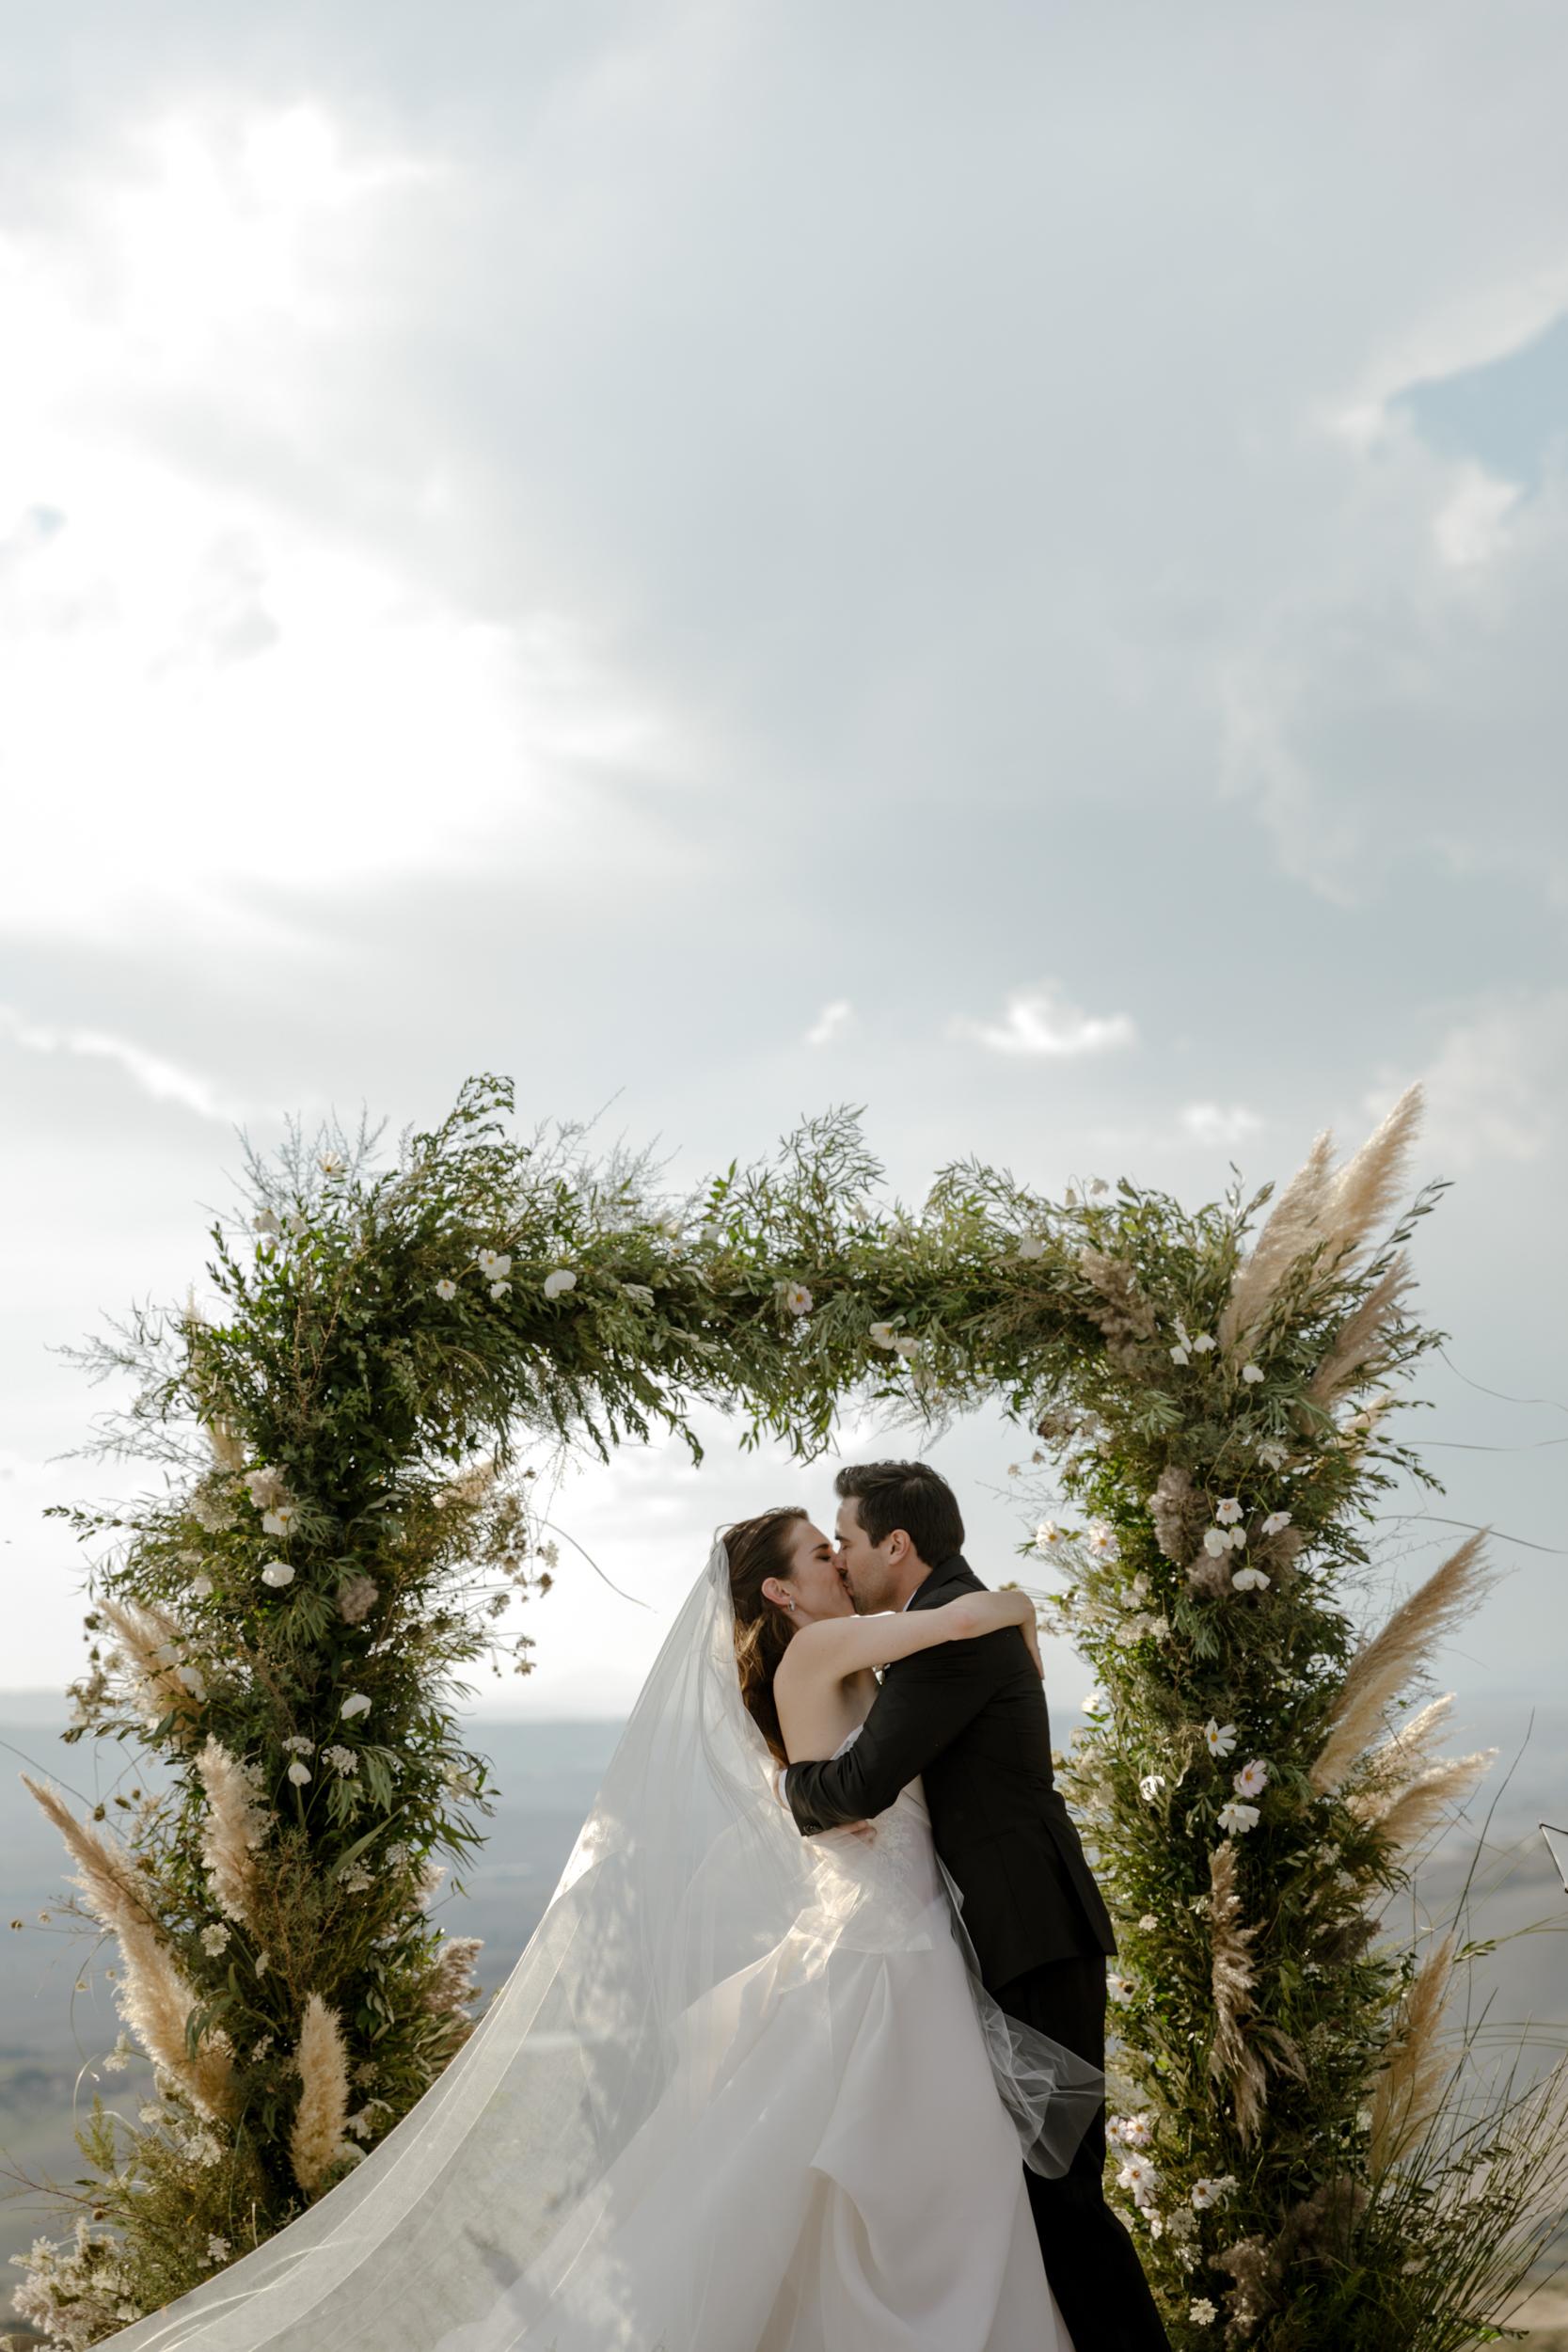 06_flower-arch-wedding-in-tuscany.jpg